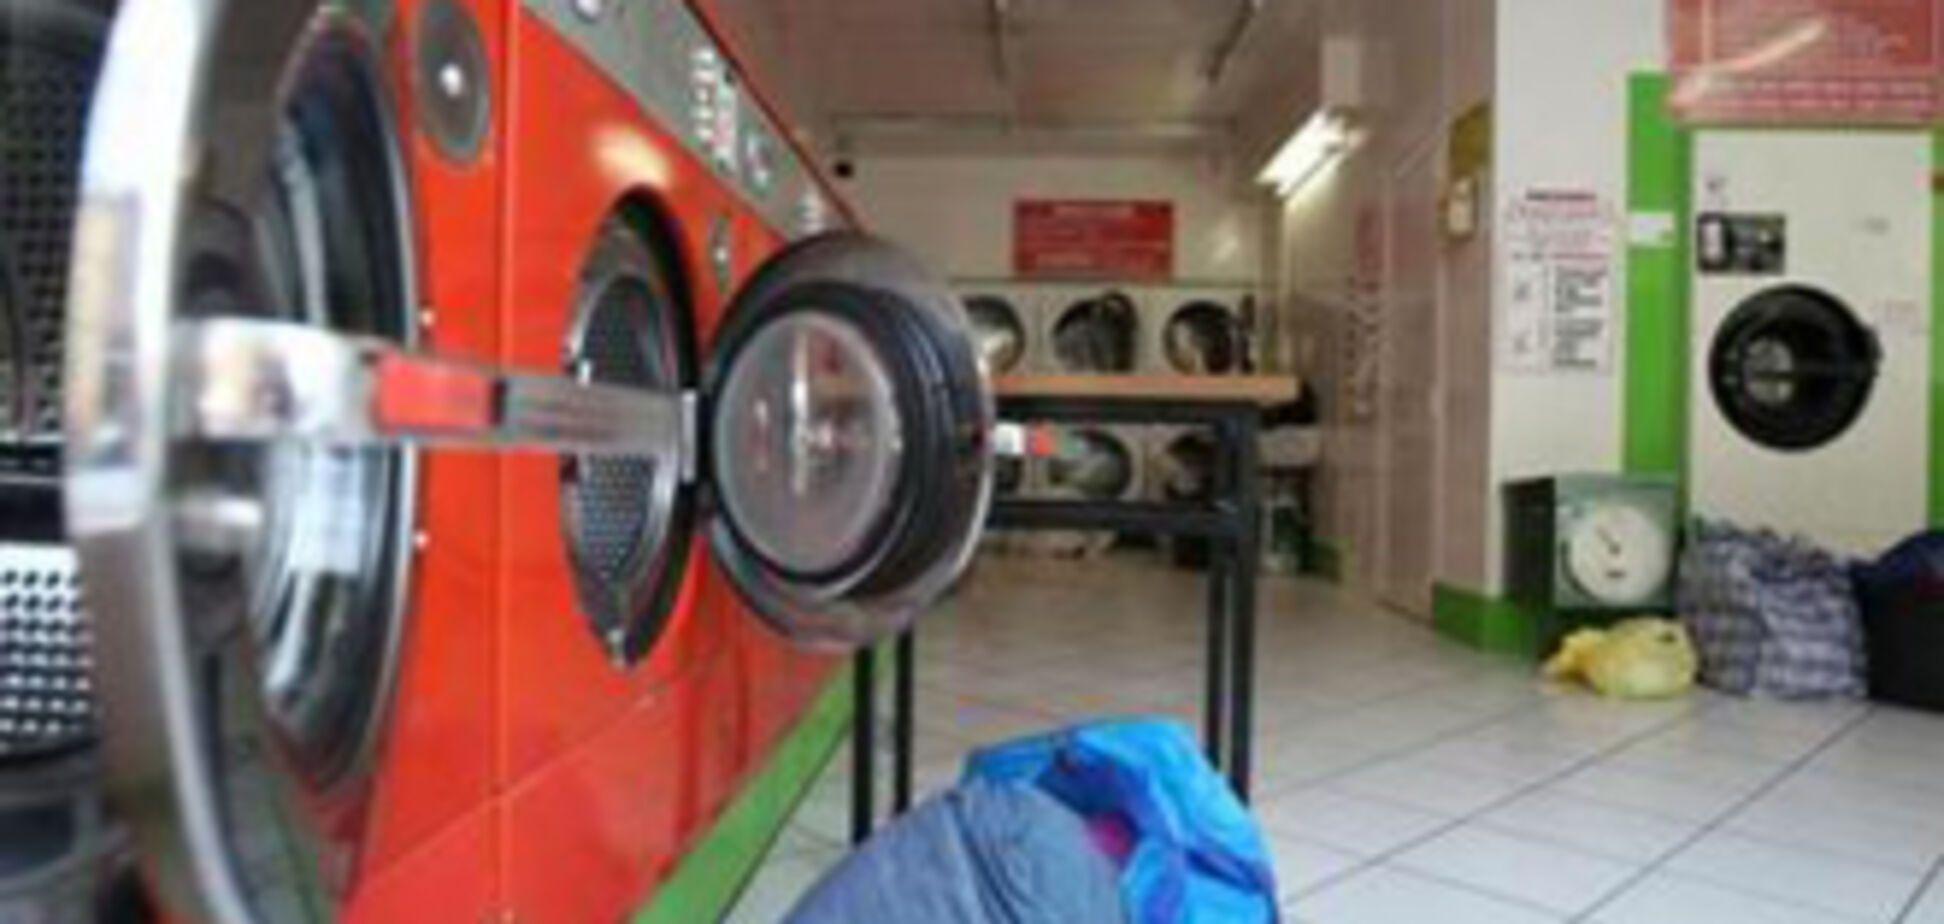 Ребенка убила стиральная машина